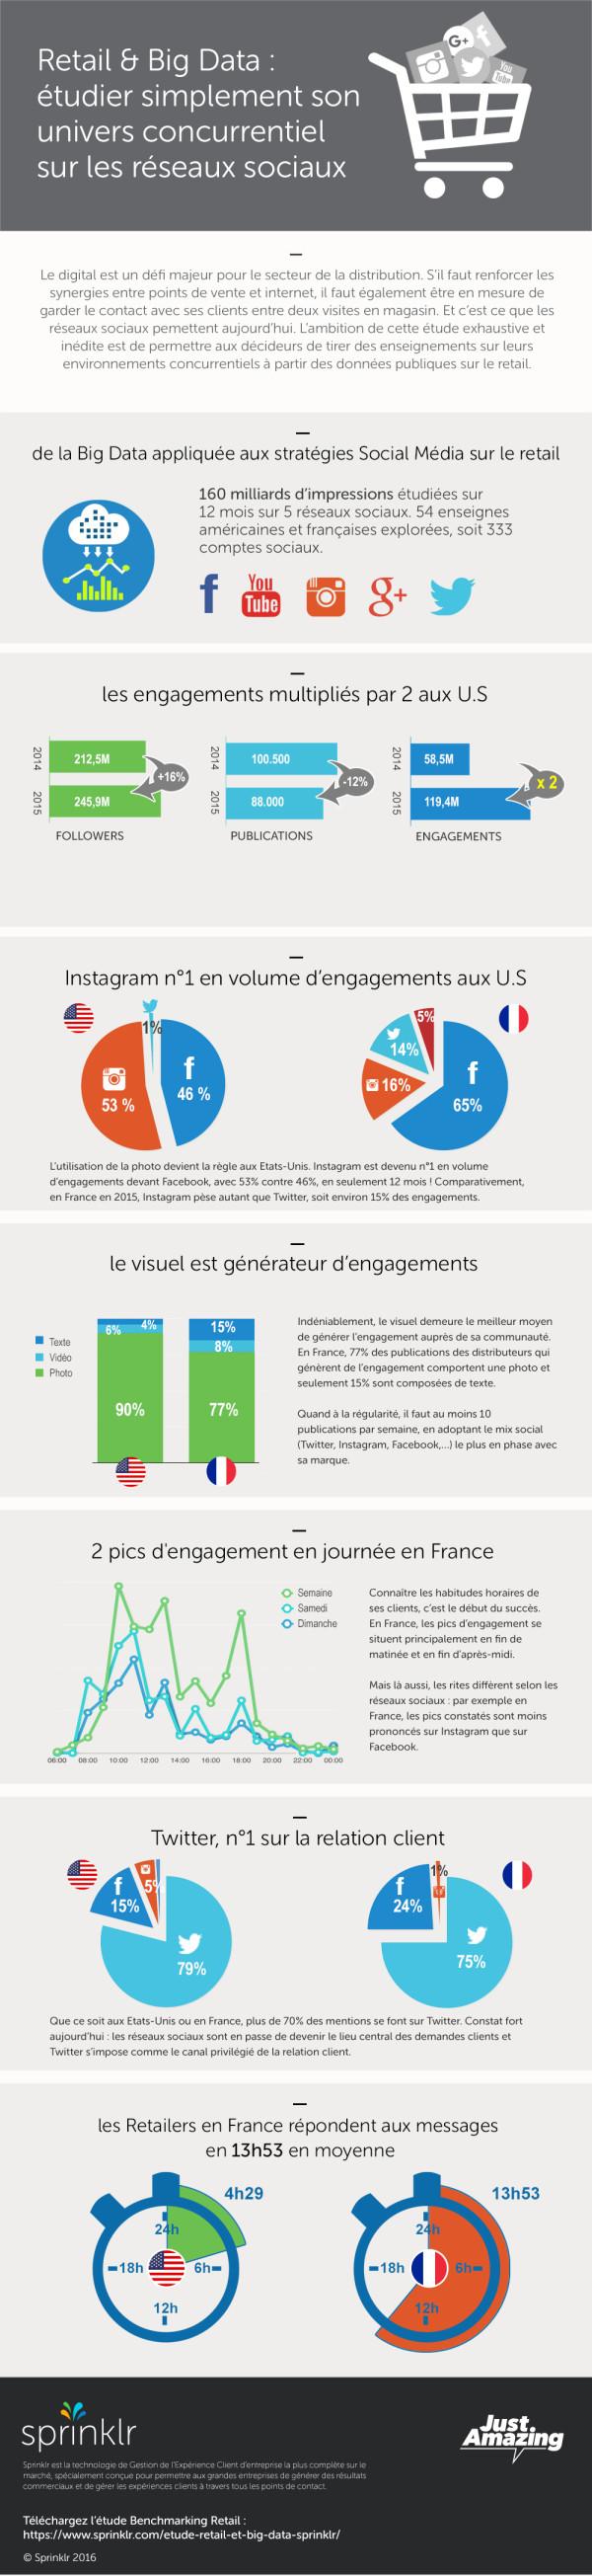 Retail & réseaux sociaux en 2016